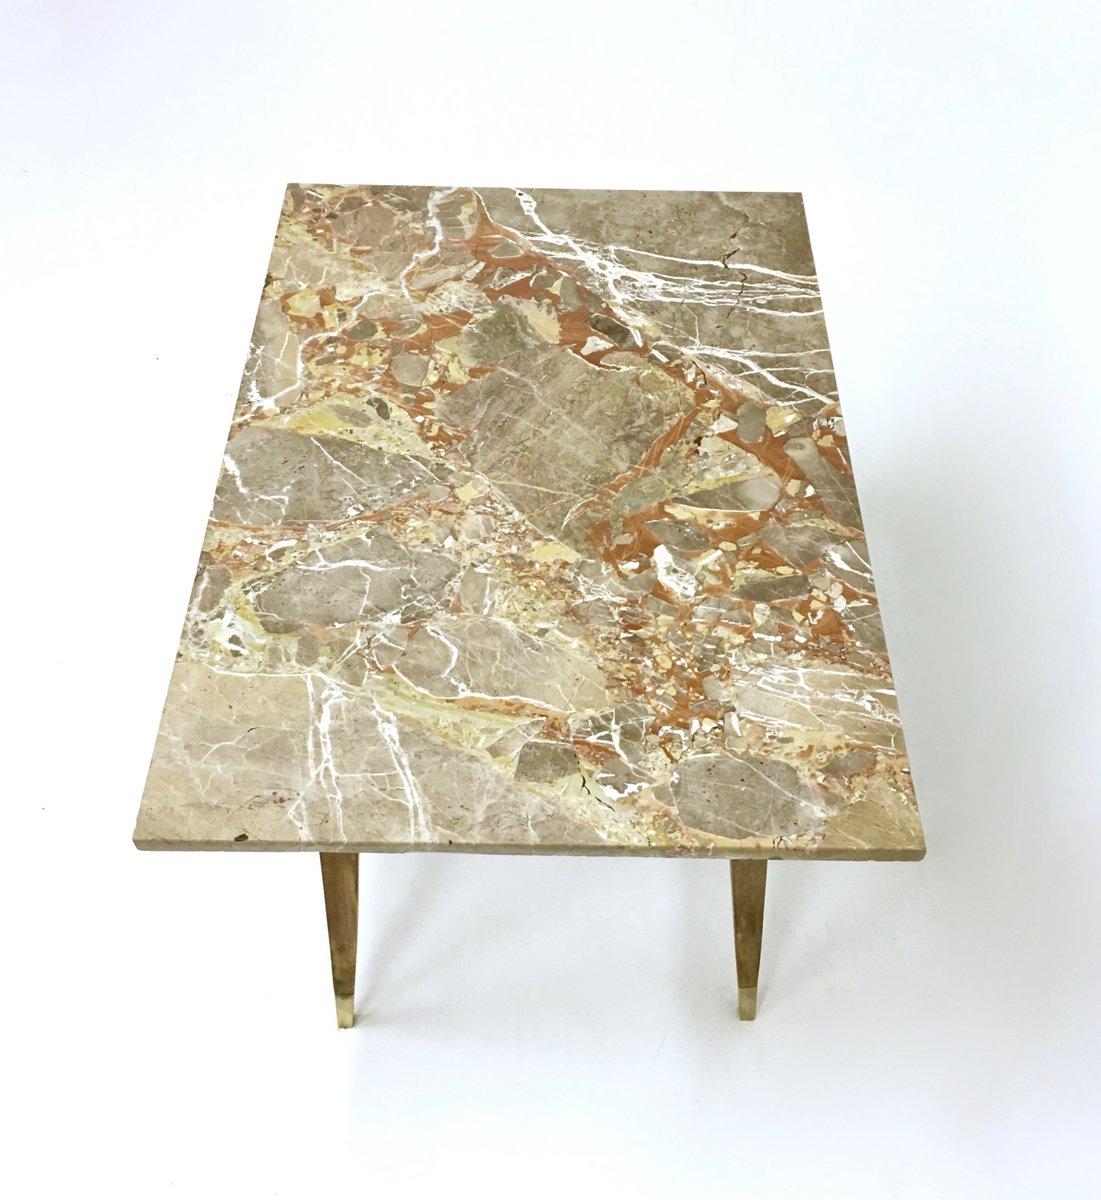 Table basse en h tre avec plateau en marbre italie 1950s en vente sur pamono - Table basse plateau marbre ...